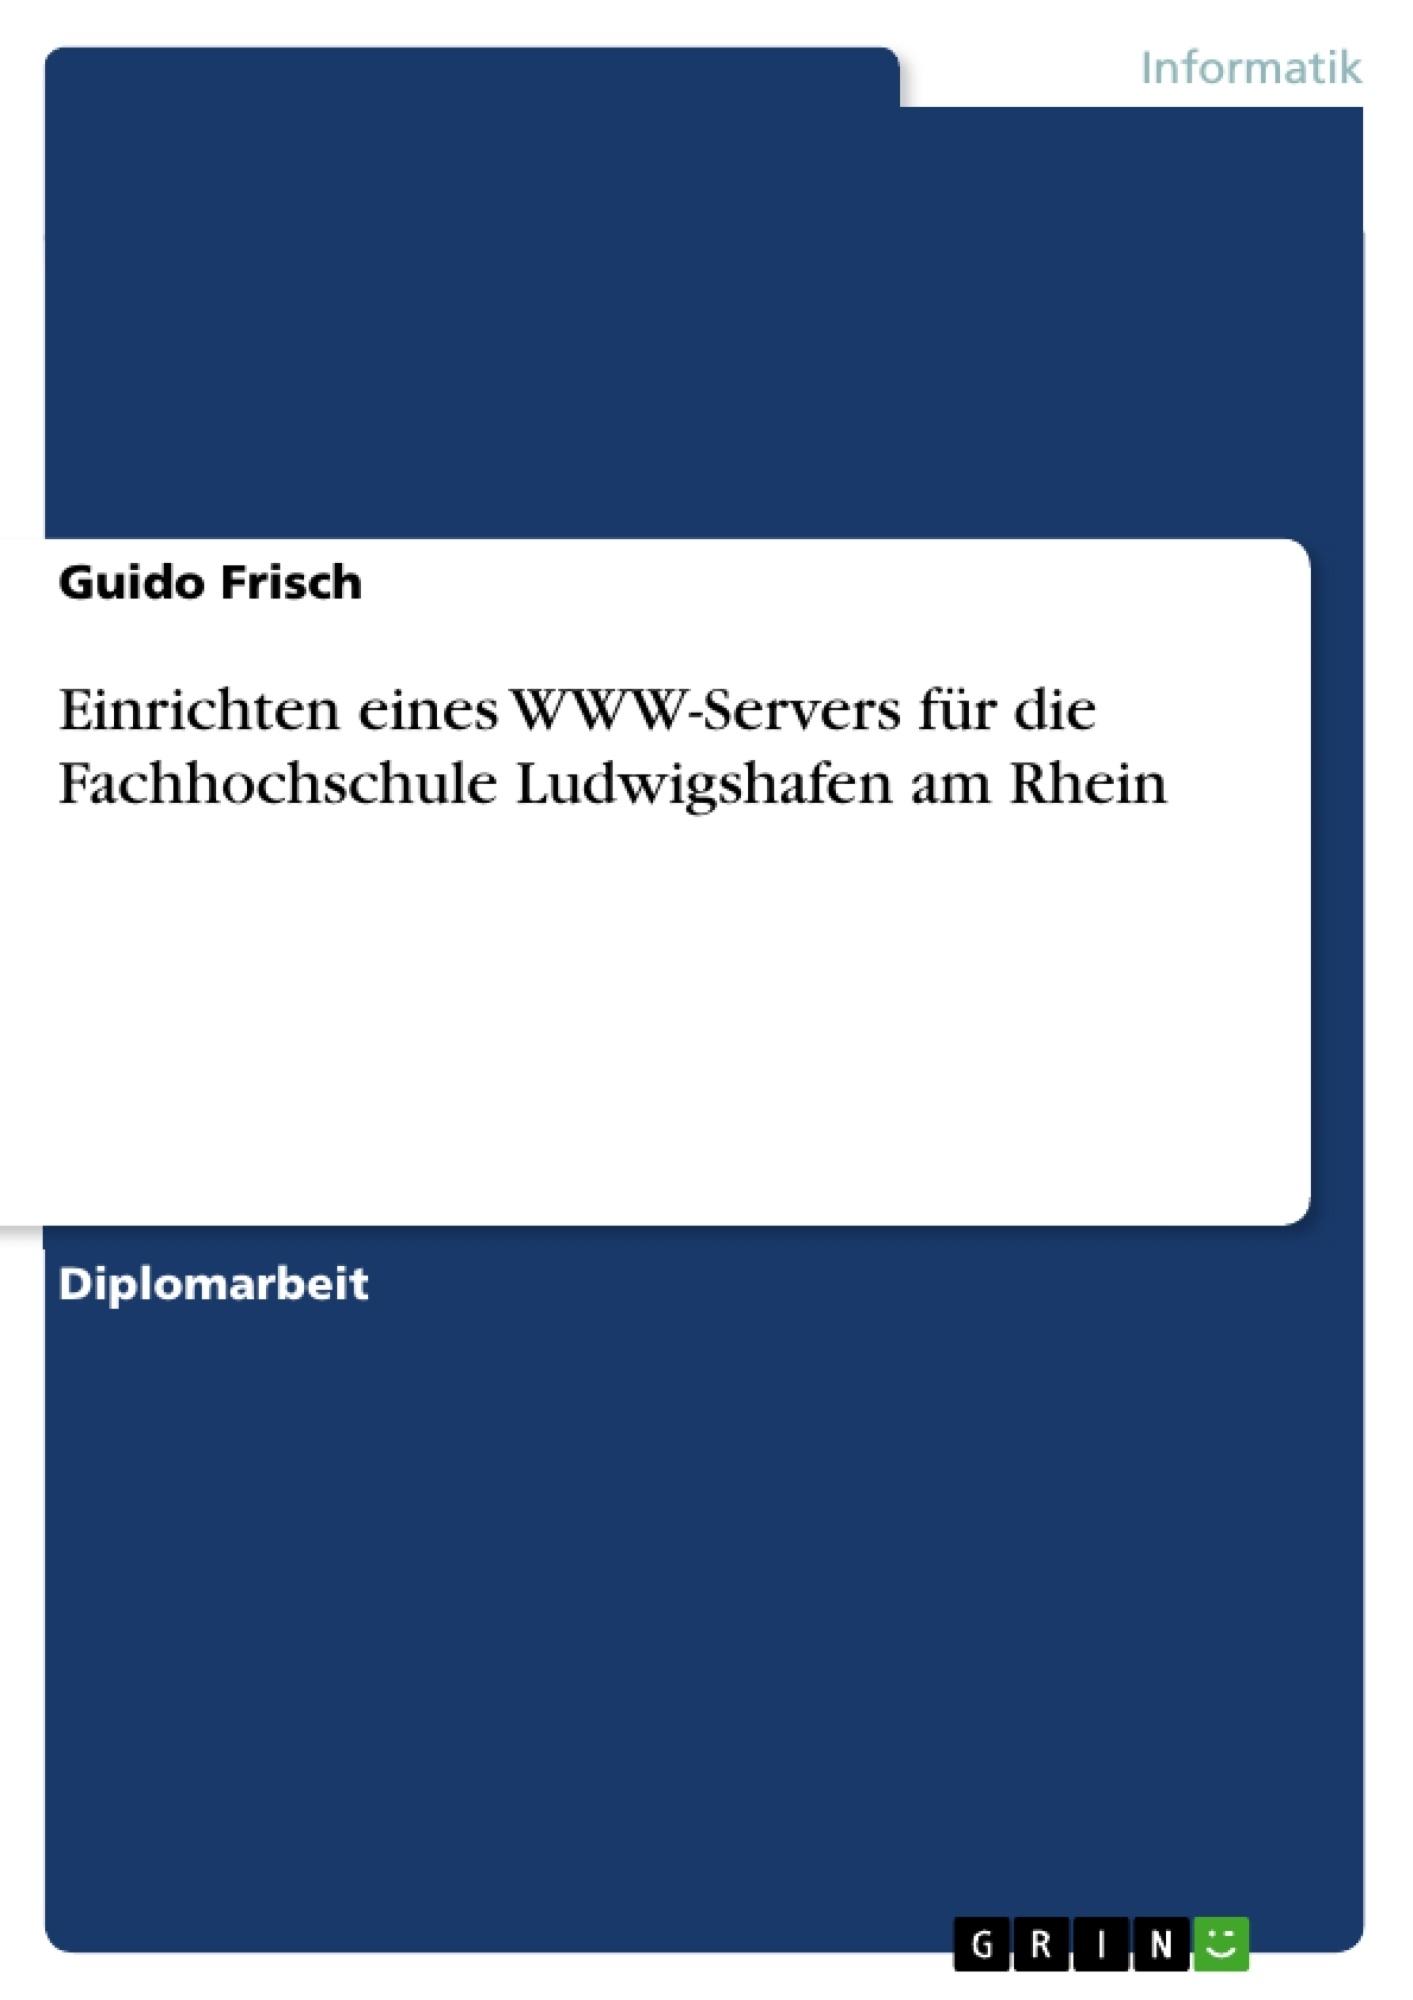 Titel: Einrichten eines WWW-Servers für die Fachhochschule Ludwigshafen am Rhein